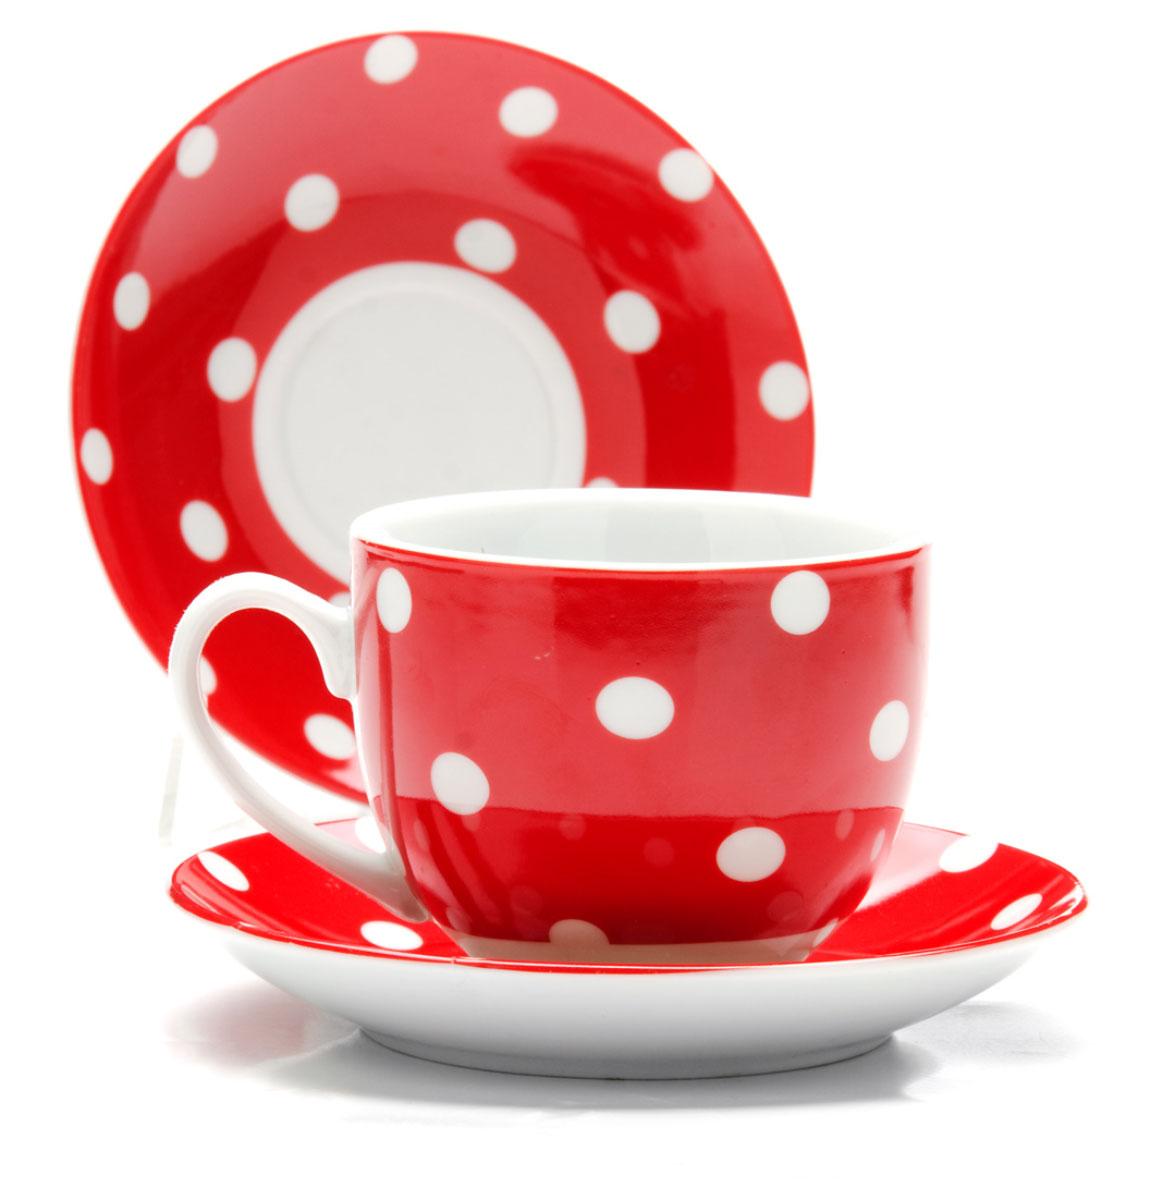 Набор чайный Loraine, цвет: белый, красный, 12 предметов. 2590425904Чайный набор Loraine состоит из 6 чашек и 6 блюдец. Изделия выполнены из высококачественного костяного фарфора и оформлены принтом в горошек. Такой набор изящно дополнит сервировку стола к чаепитию. Благодаря оригинальному дизайну и качеству исполнения он станет замечательным подарком для ваших друзей и близких. Объем чашки: 240 мл. Диаметр чашки по верхнему краю: 8,5 см. Высота чашки: 7 см. Диаметр блюдца: 14 см.Высота блюдца: 2,2 см.